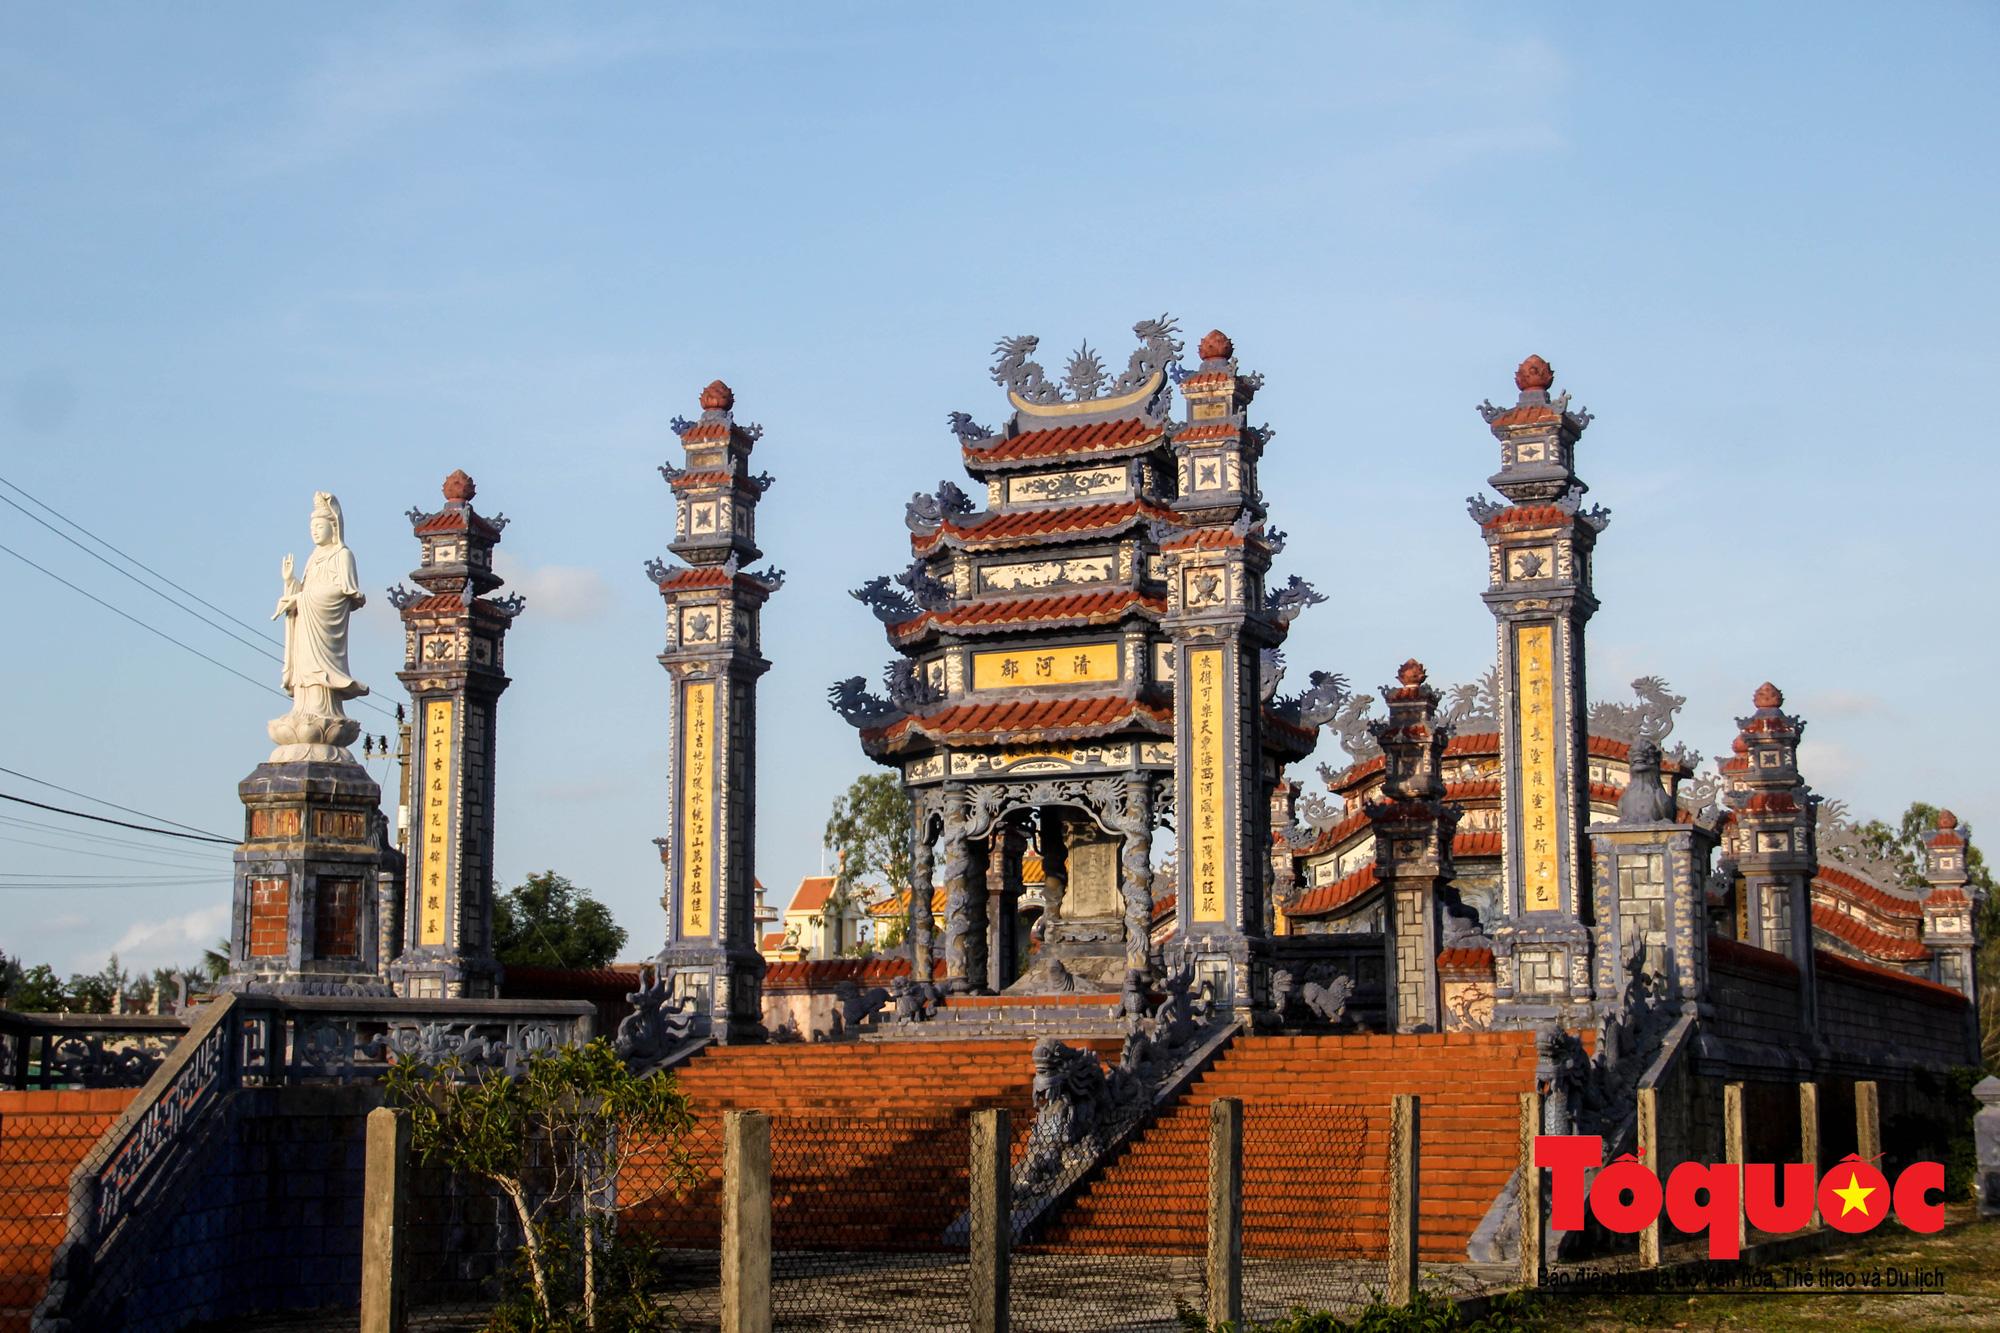 """Ngỡ ngàng với vẻ xa hoa, tráng lệ của """"thành phố lăng mộ"""" nghìn tỷ bậc nhất Việt Nam - Ảnh 5."""